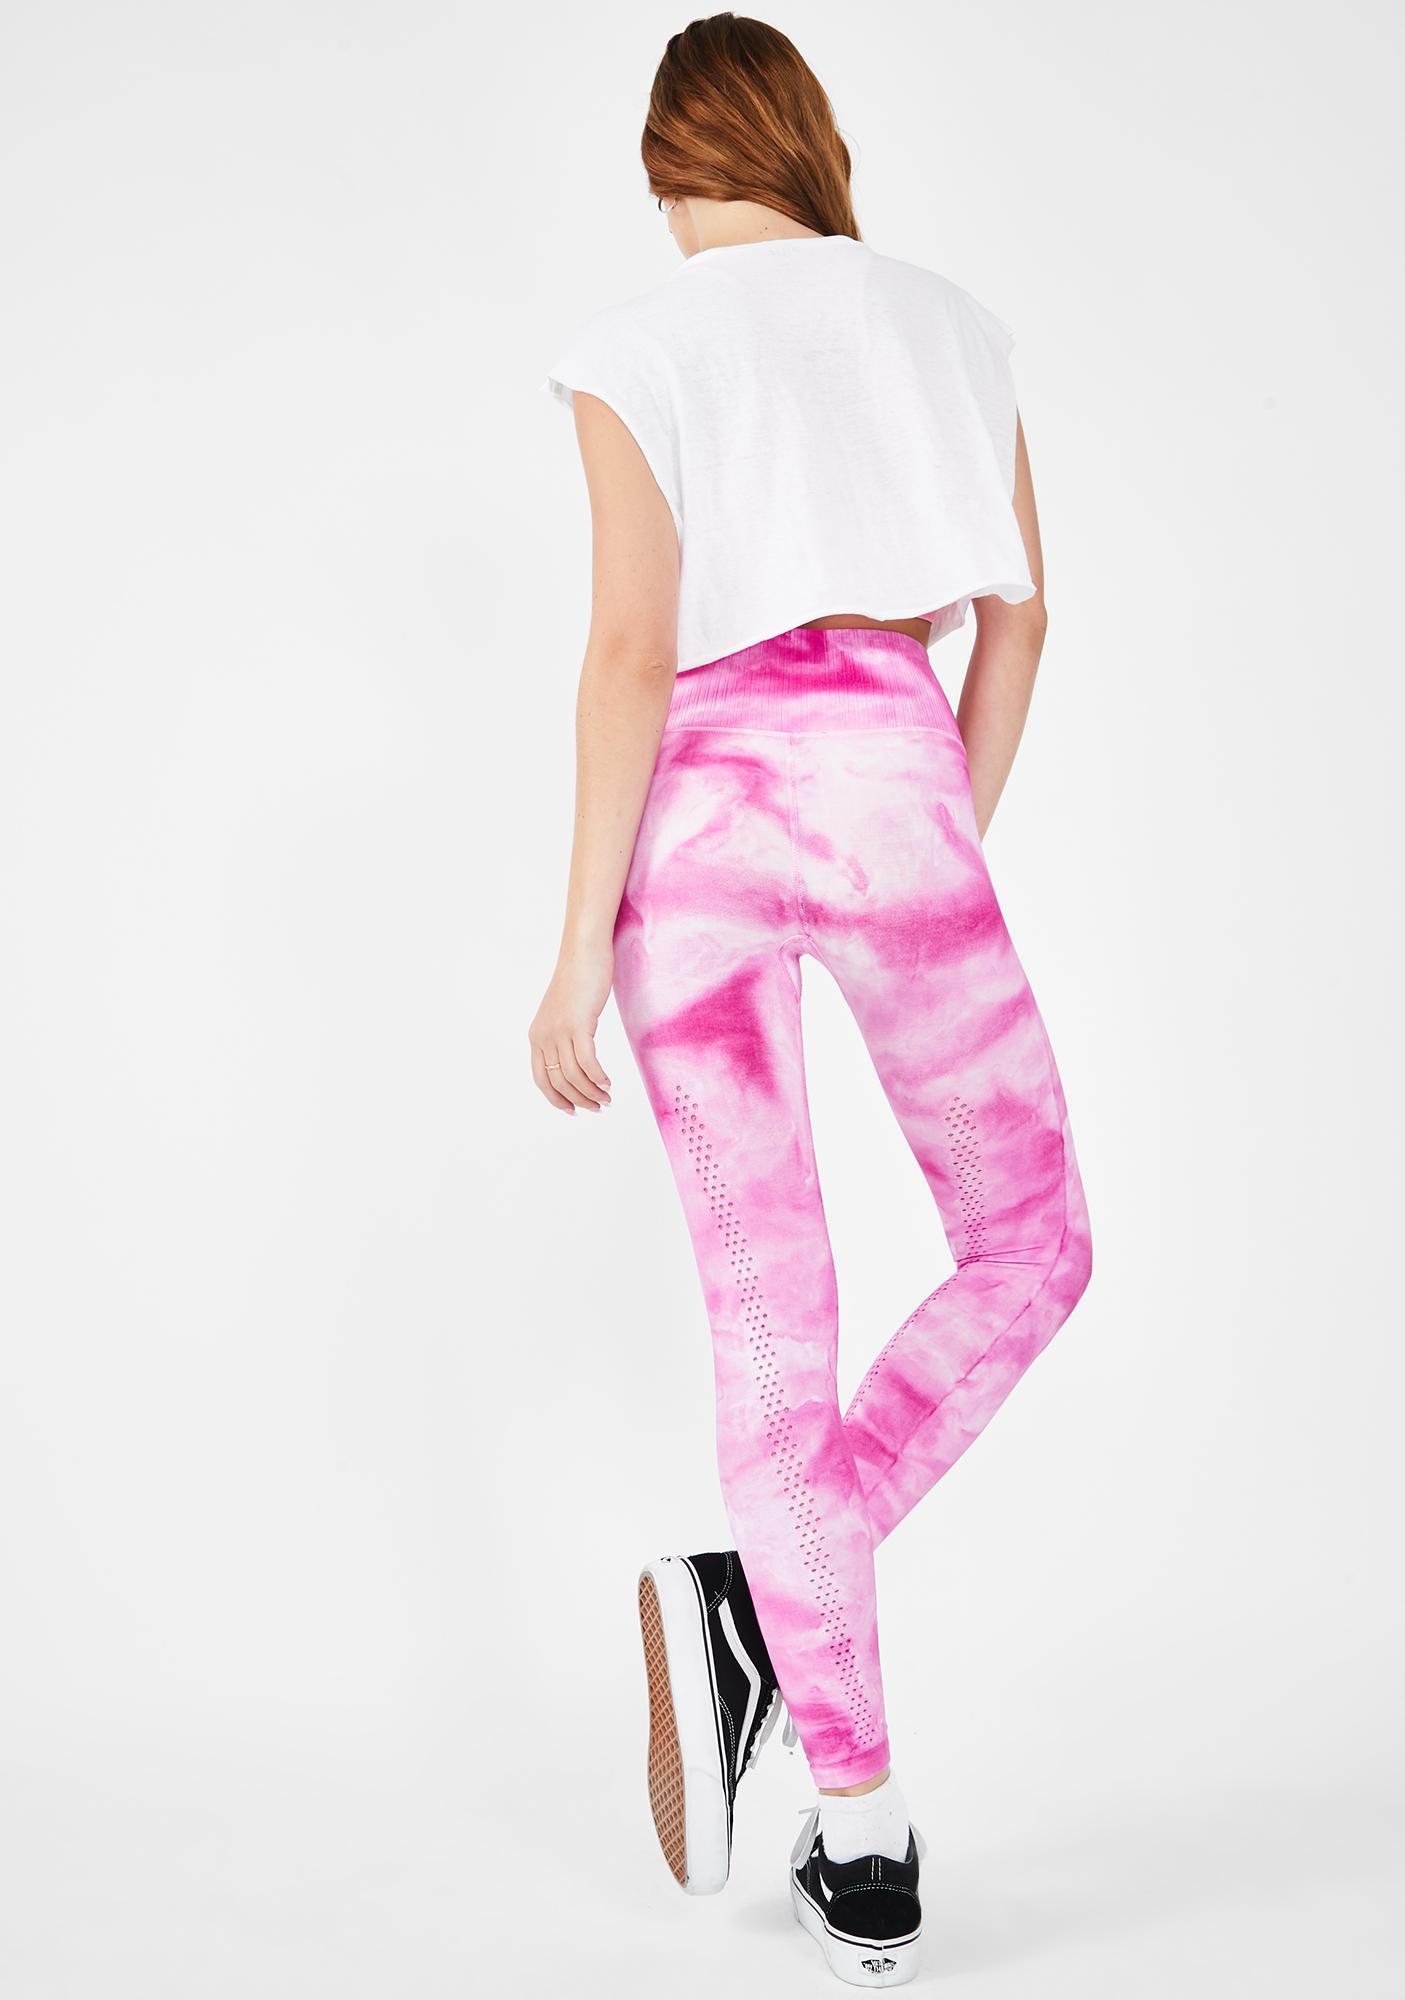 Free People Pink Good Karma Tie Dye Leggings